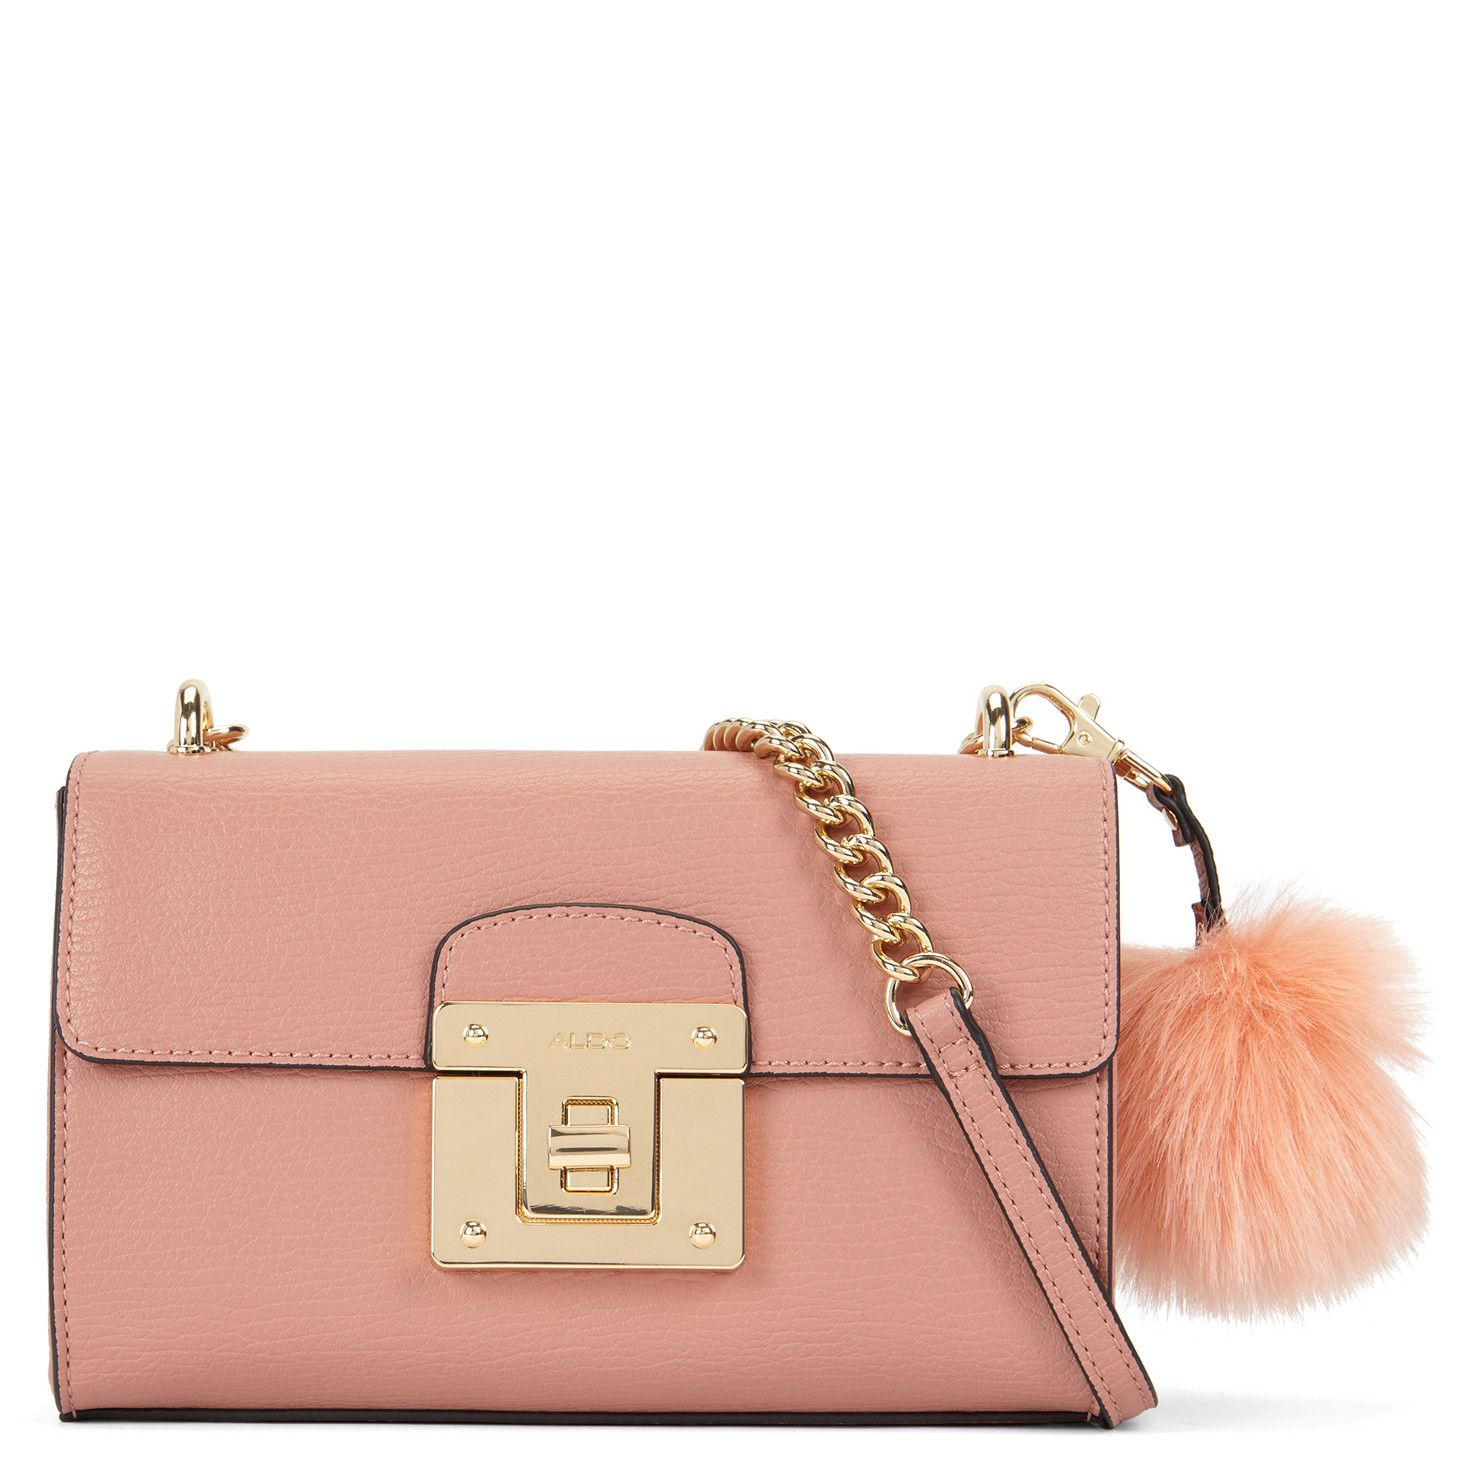 042757e85cb CHIRADE Bags | ALDOShoes.com | Accessories | Bags, Shoulder bag ...